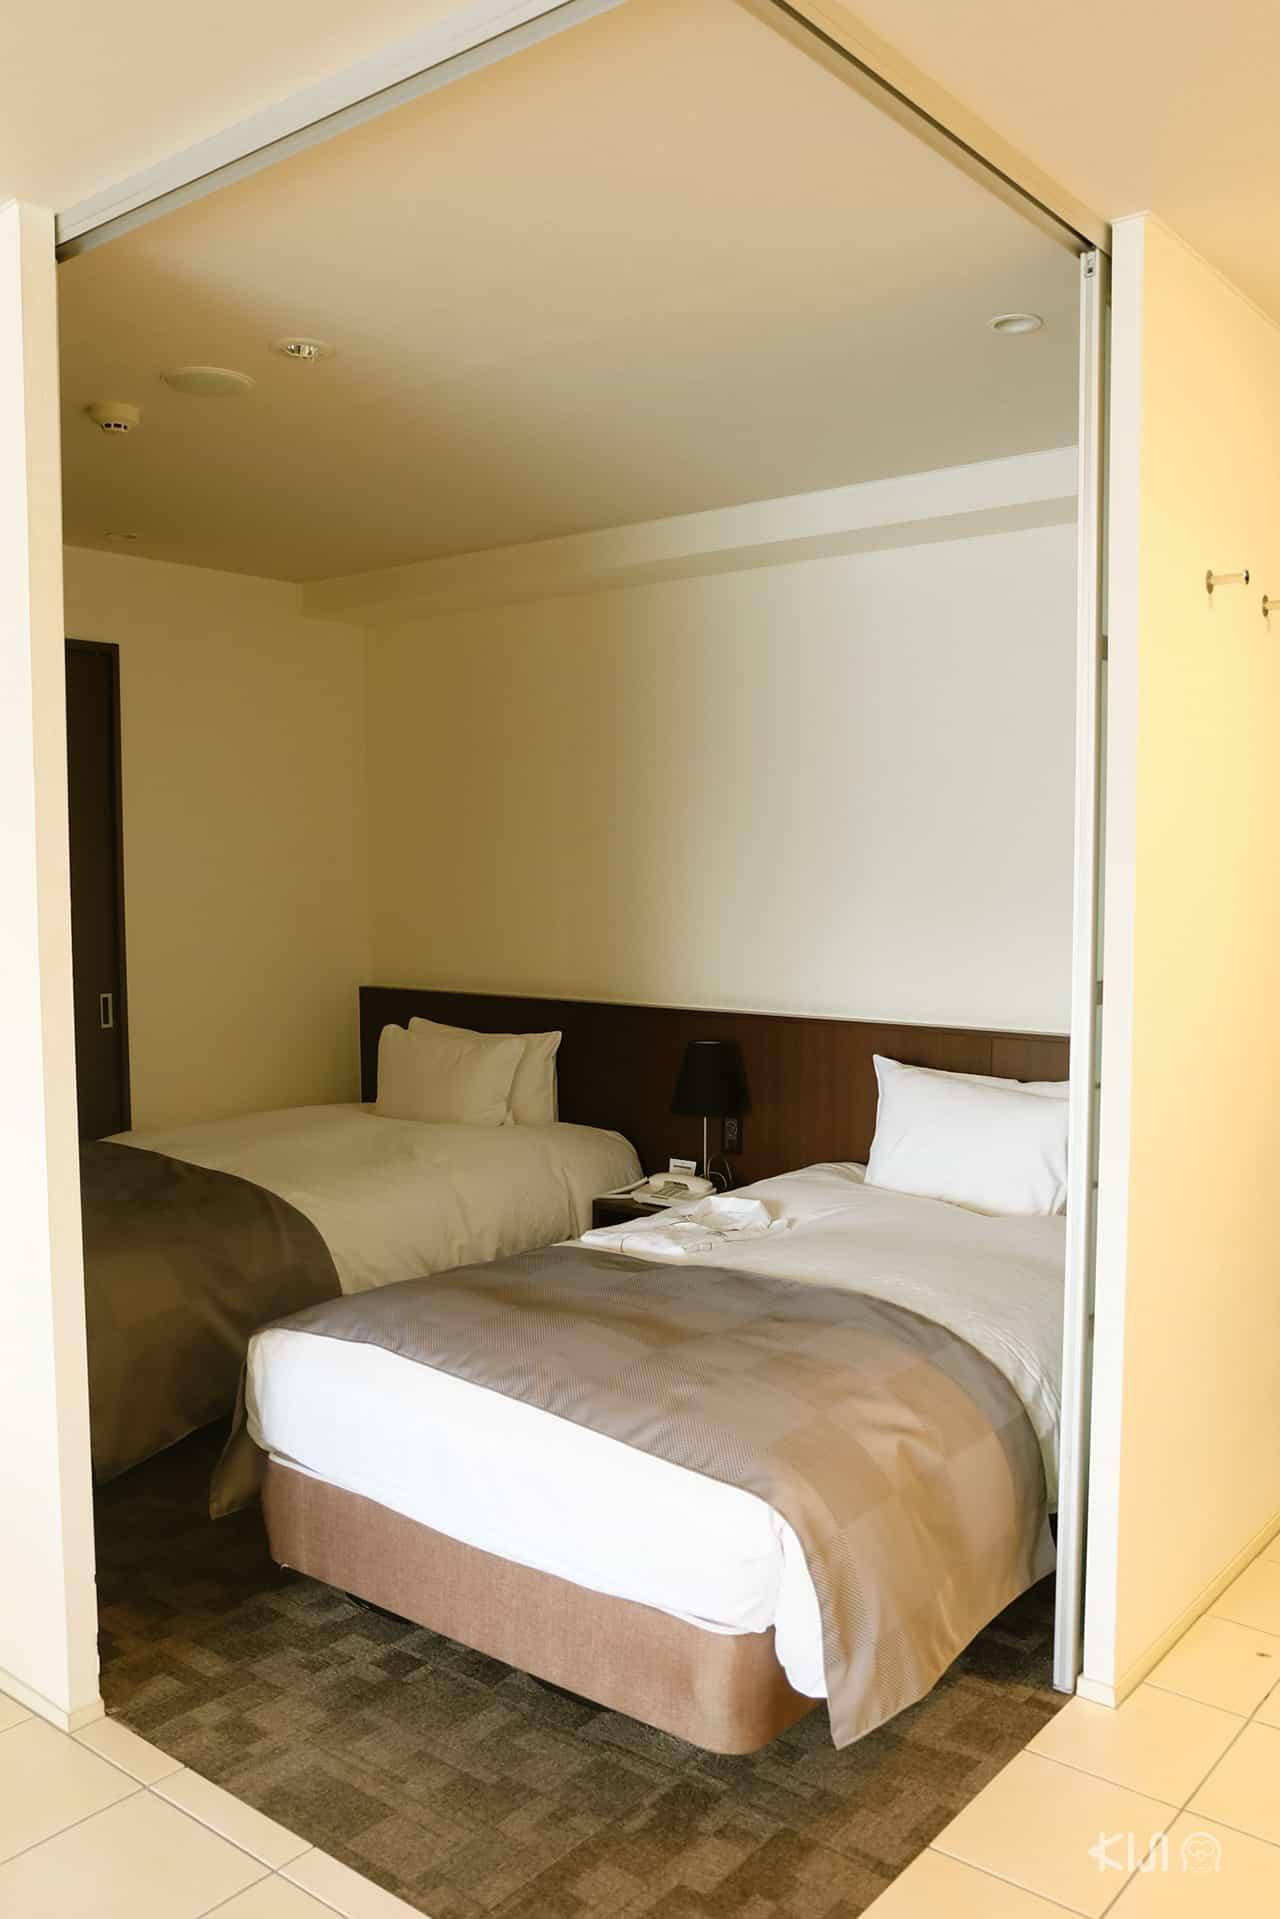 ห้องพัก Hakodate Danshaku Club Hotel & Resorts